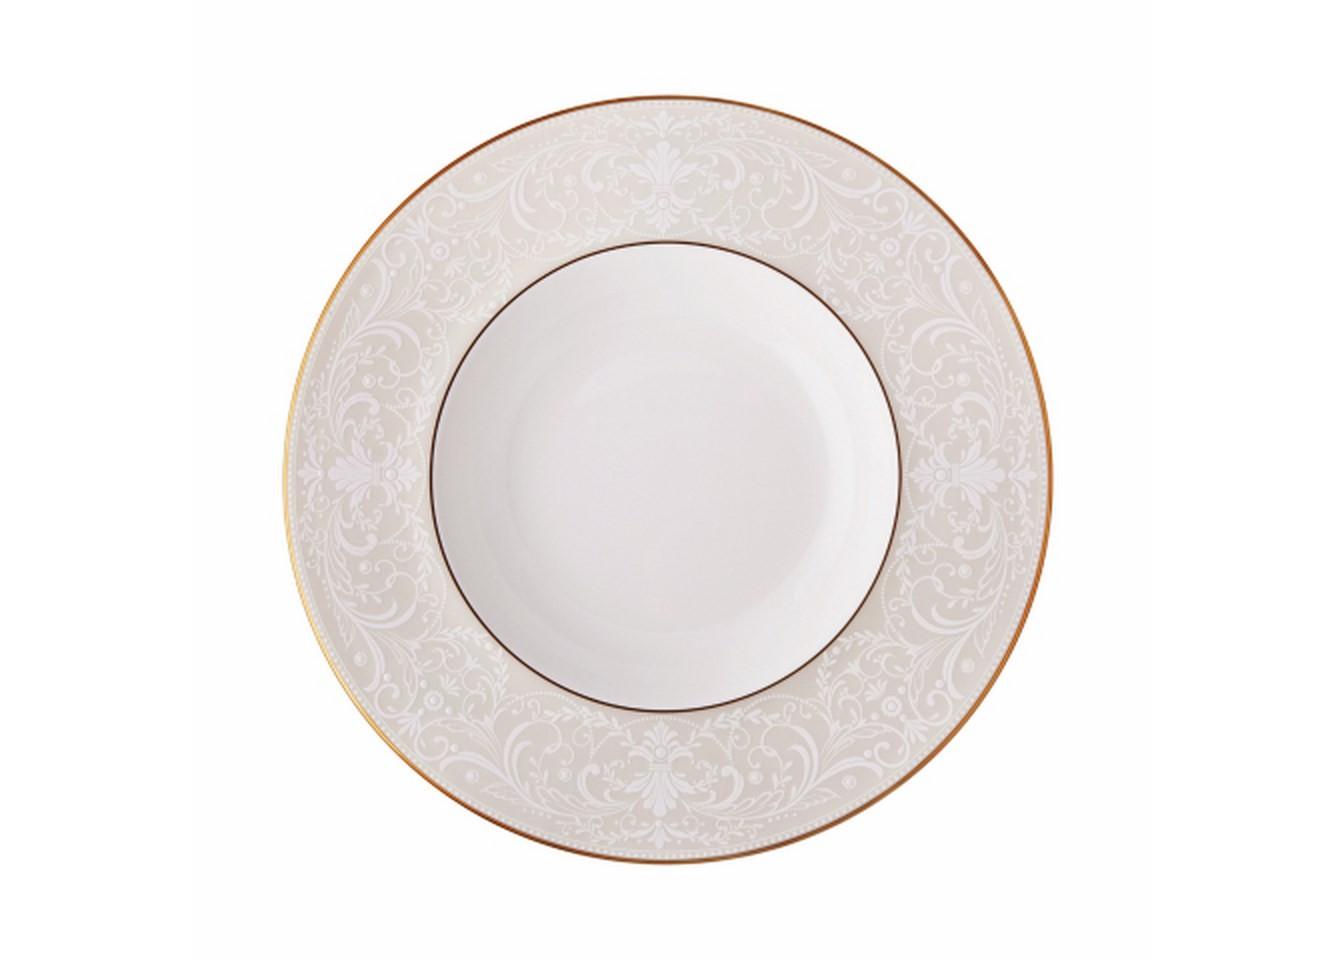 Тарелка глубокаяТарелки<br>MIKASA по праву считается одним из мировых лидеров по производству столовой посуды из фарфора и керамики. На протяжении более полувека категории качества и дизайна являются неотъемлемой частью бренда MIKASA. Сегодня MIKASA сотрудничает со многими известными дизайнерами, работающими для лучших фабрик мира, и использует самые передовые технологии в производстве посуды.<br><br>Material: Фарфор<br>Diameter см: 22